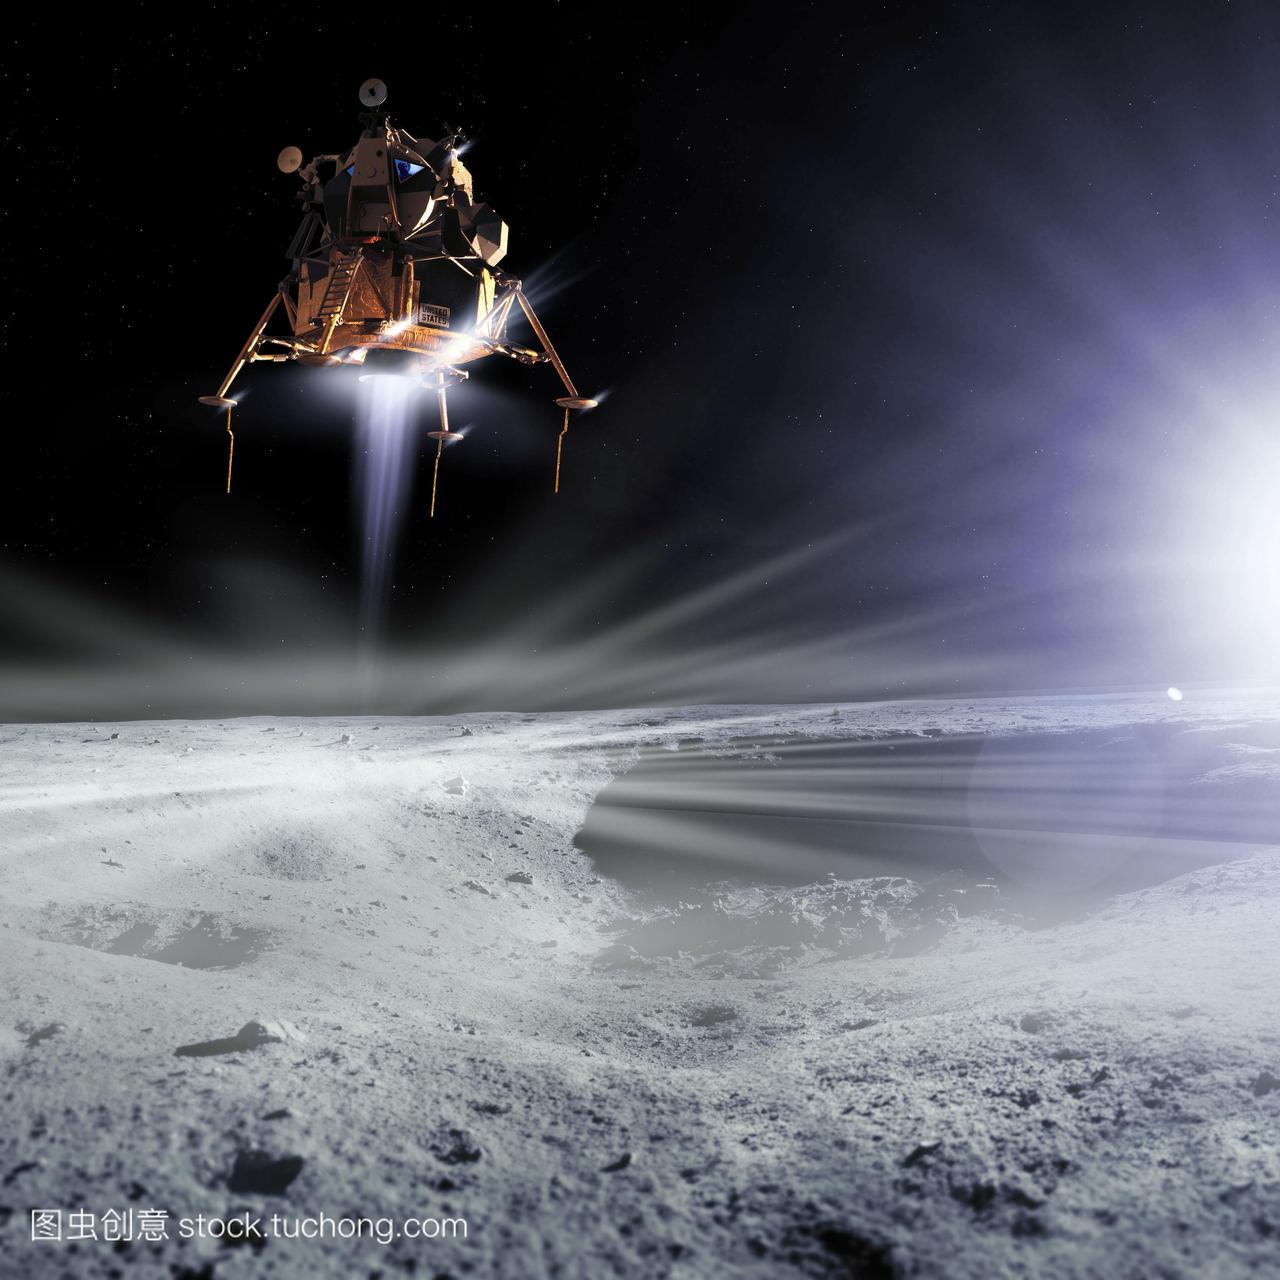 阿波罗11号登月的美国宇航局的阿波罗11号登